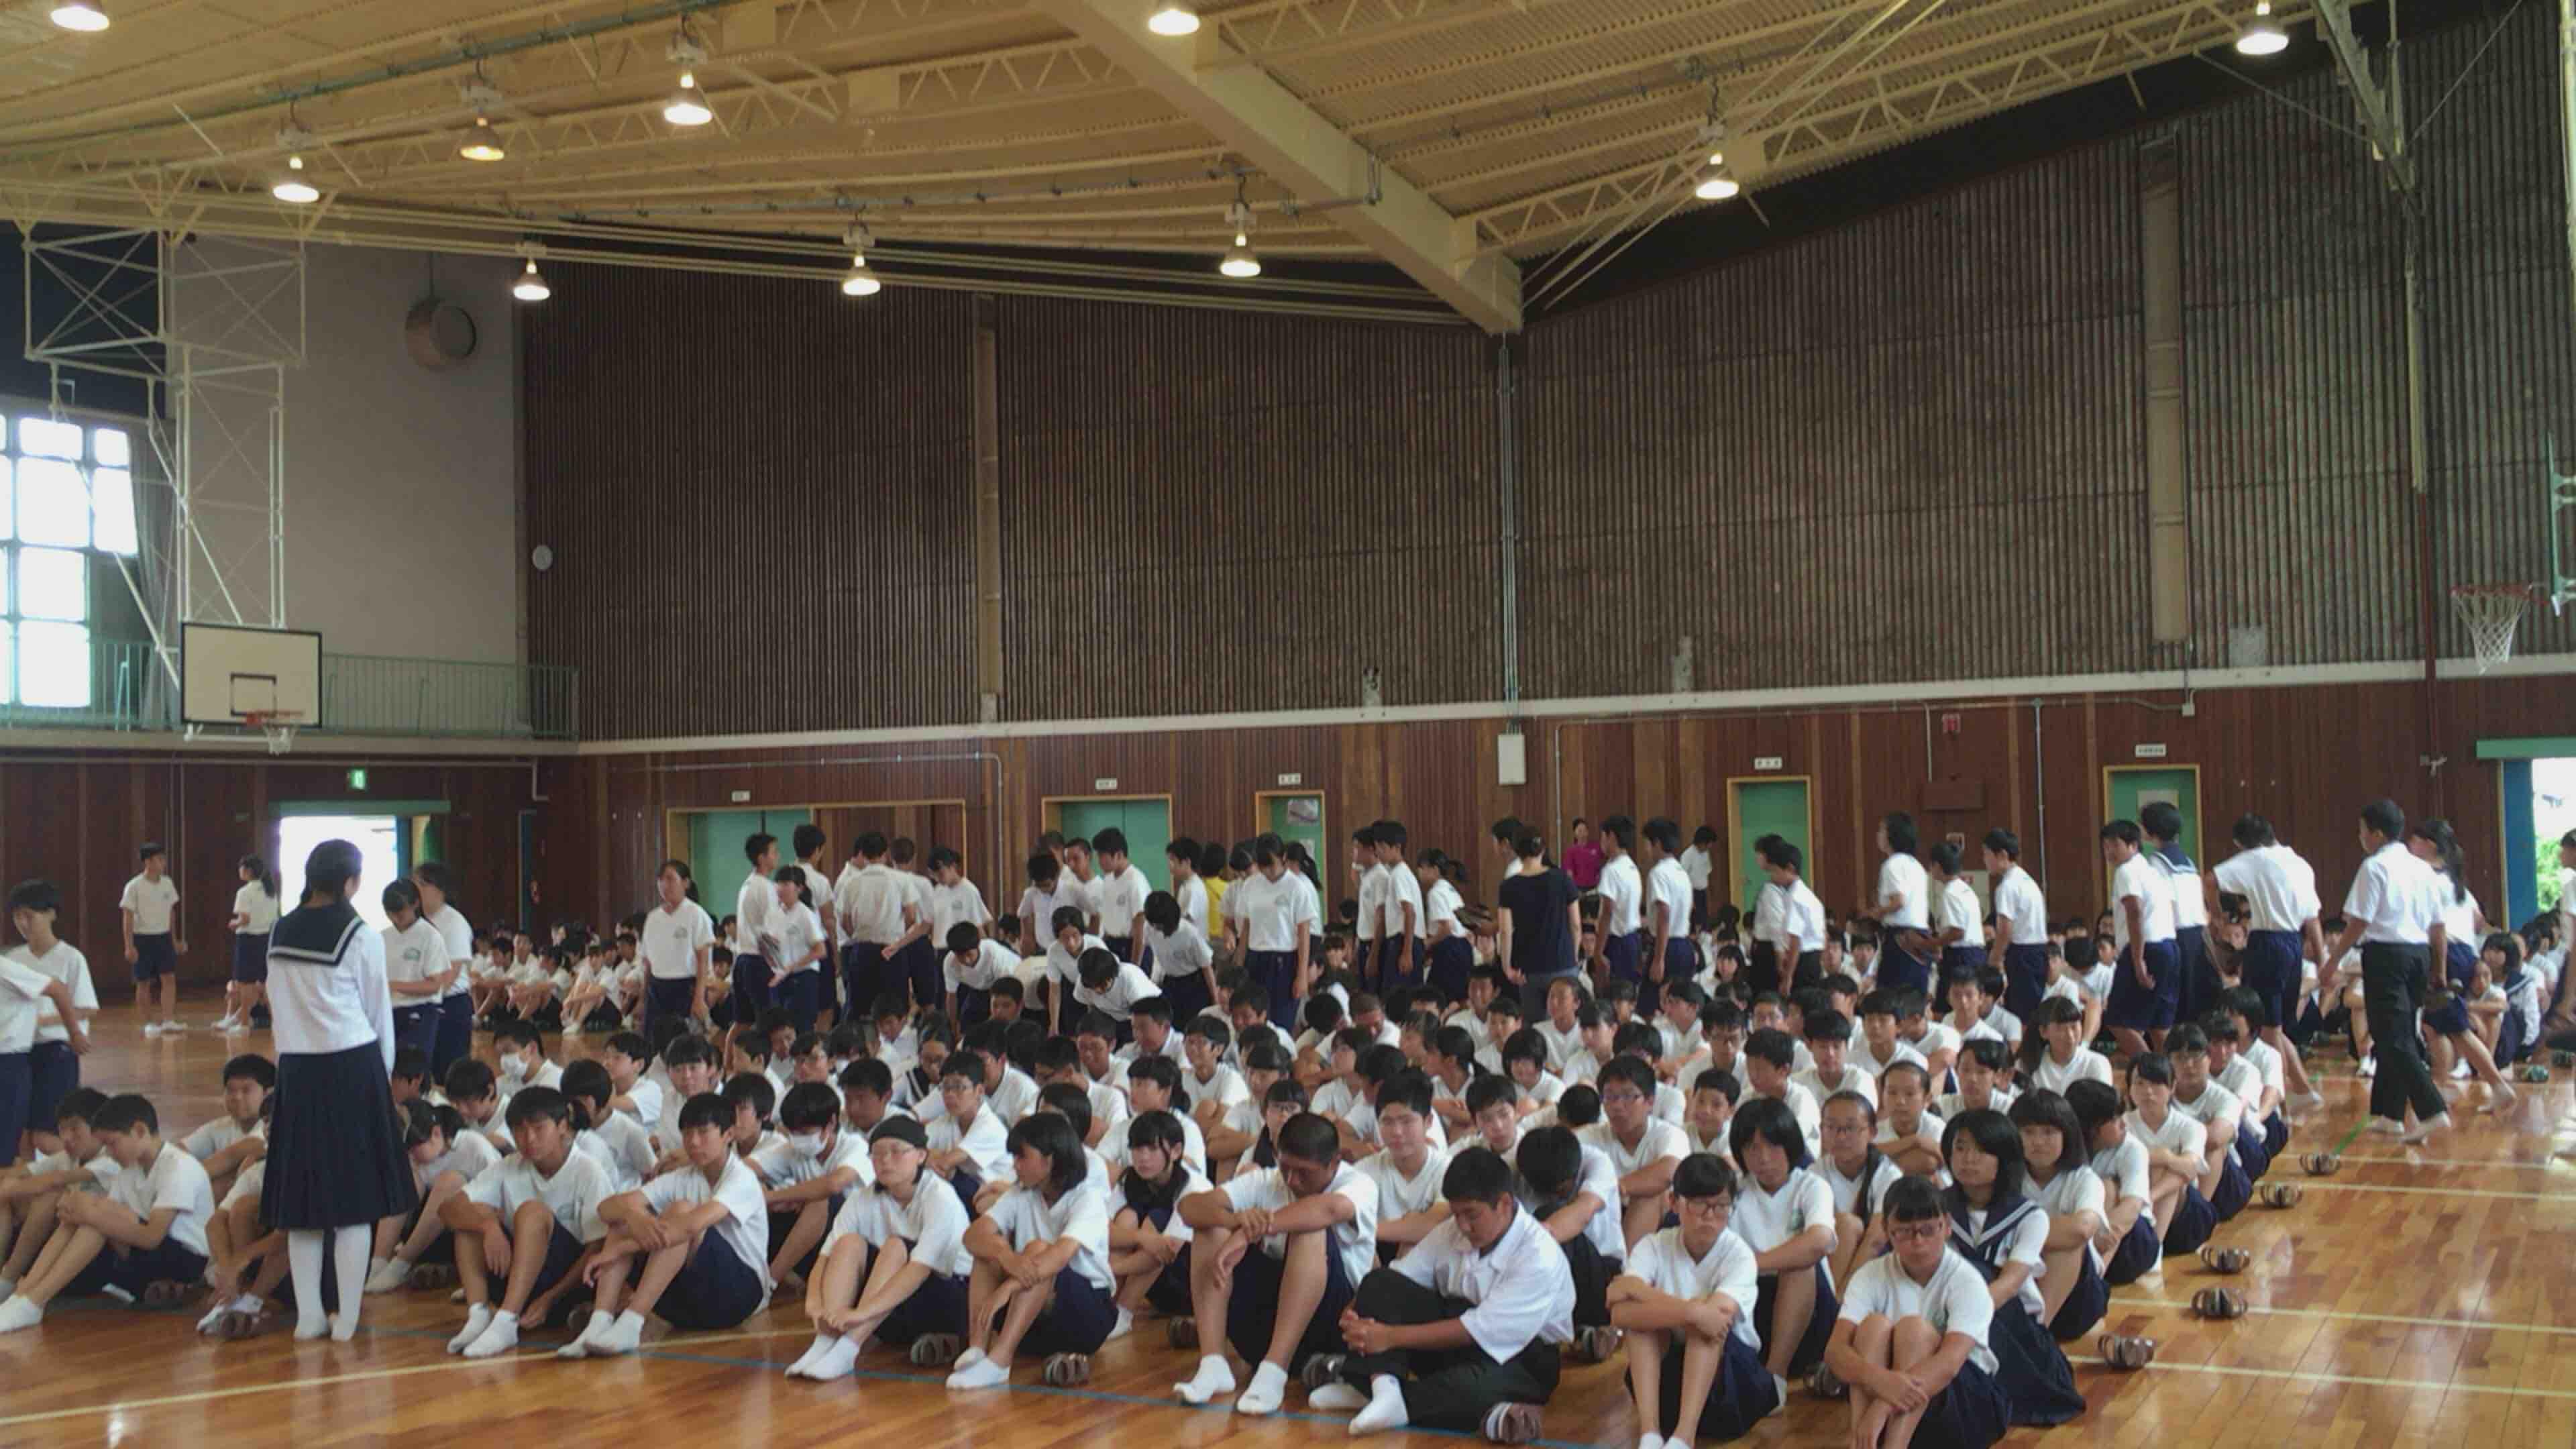 出校日 - 横須賀中学校ブログ